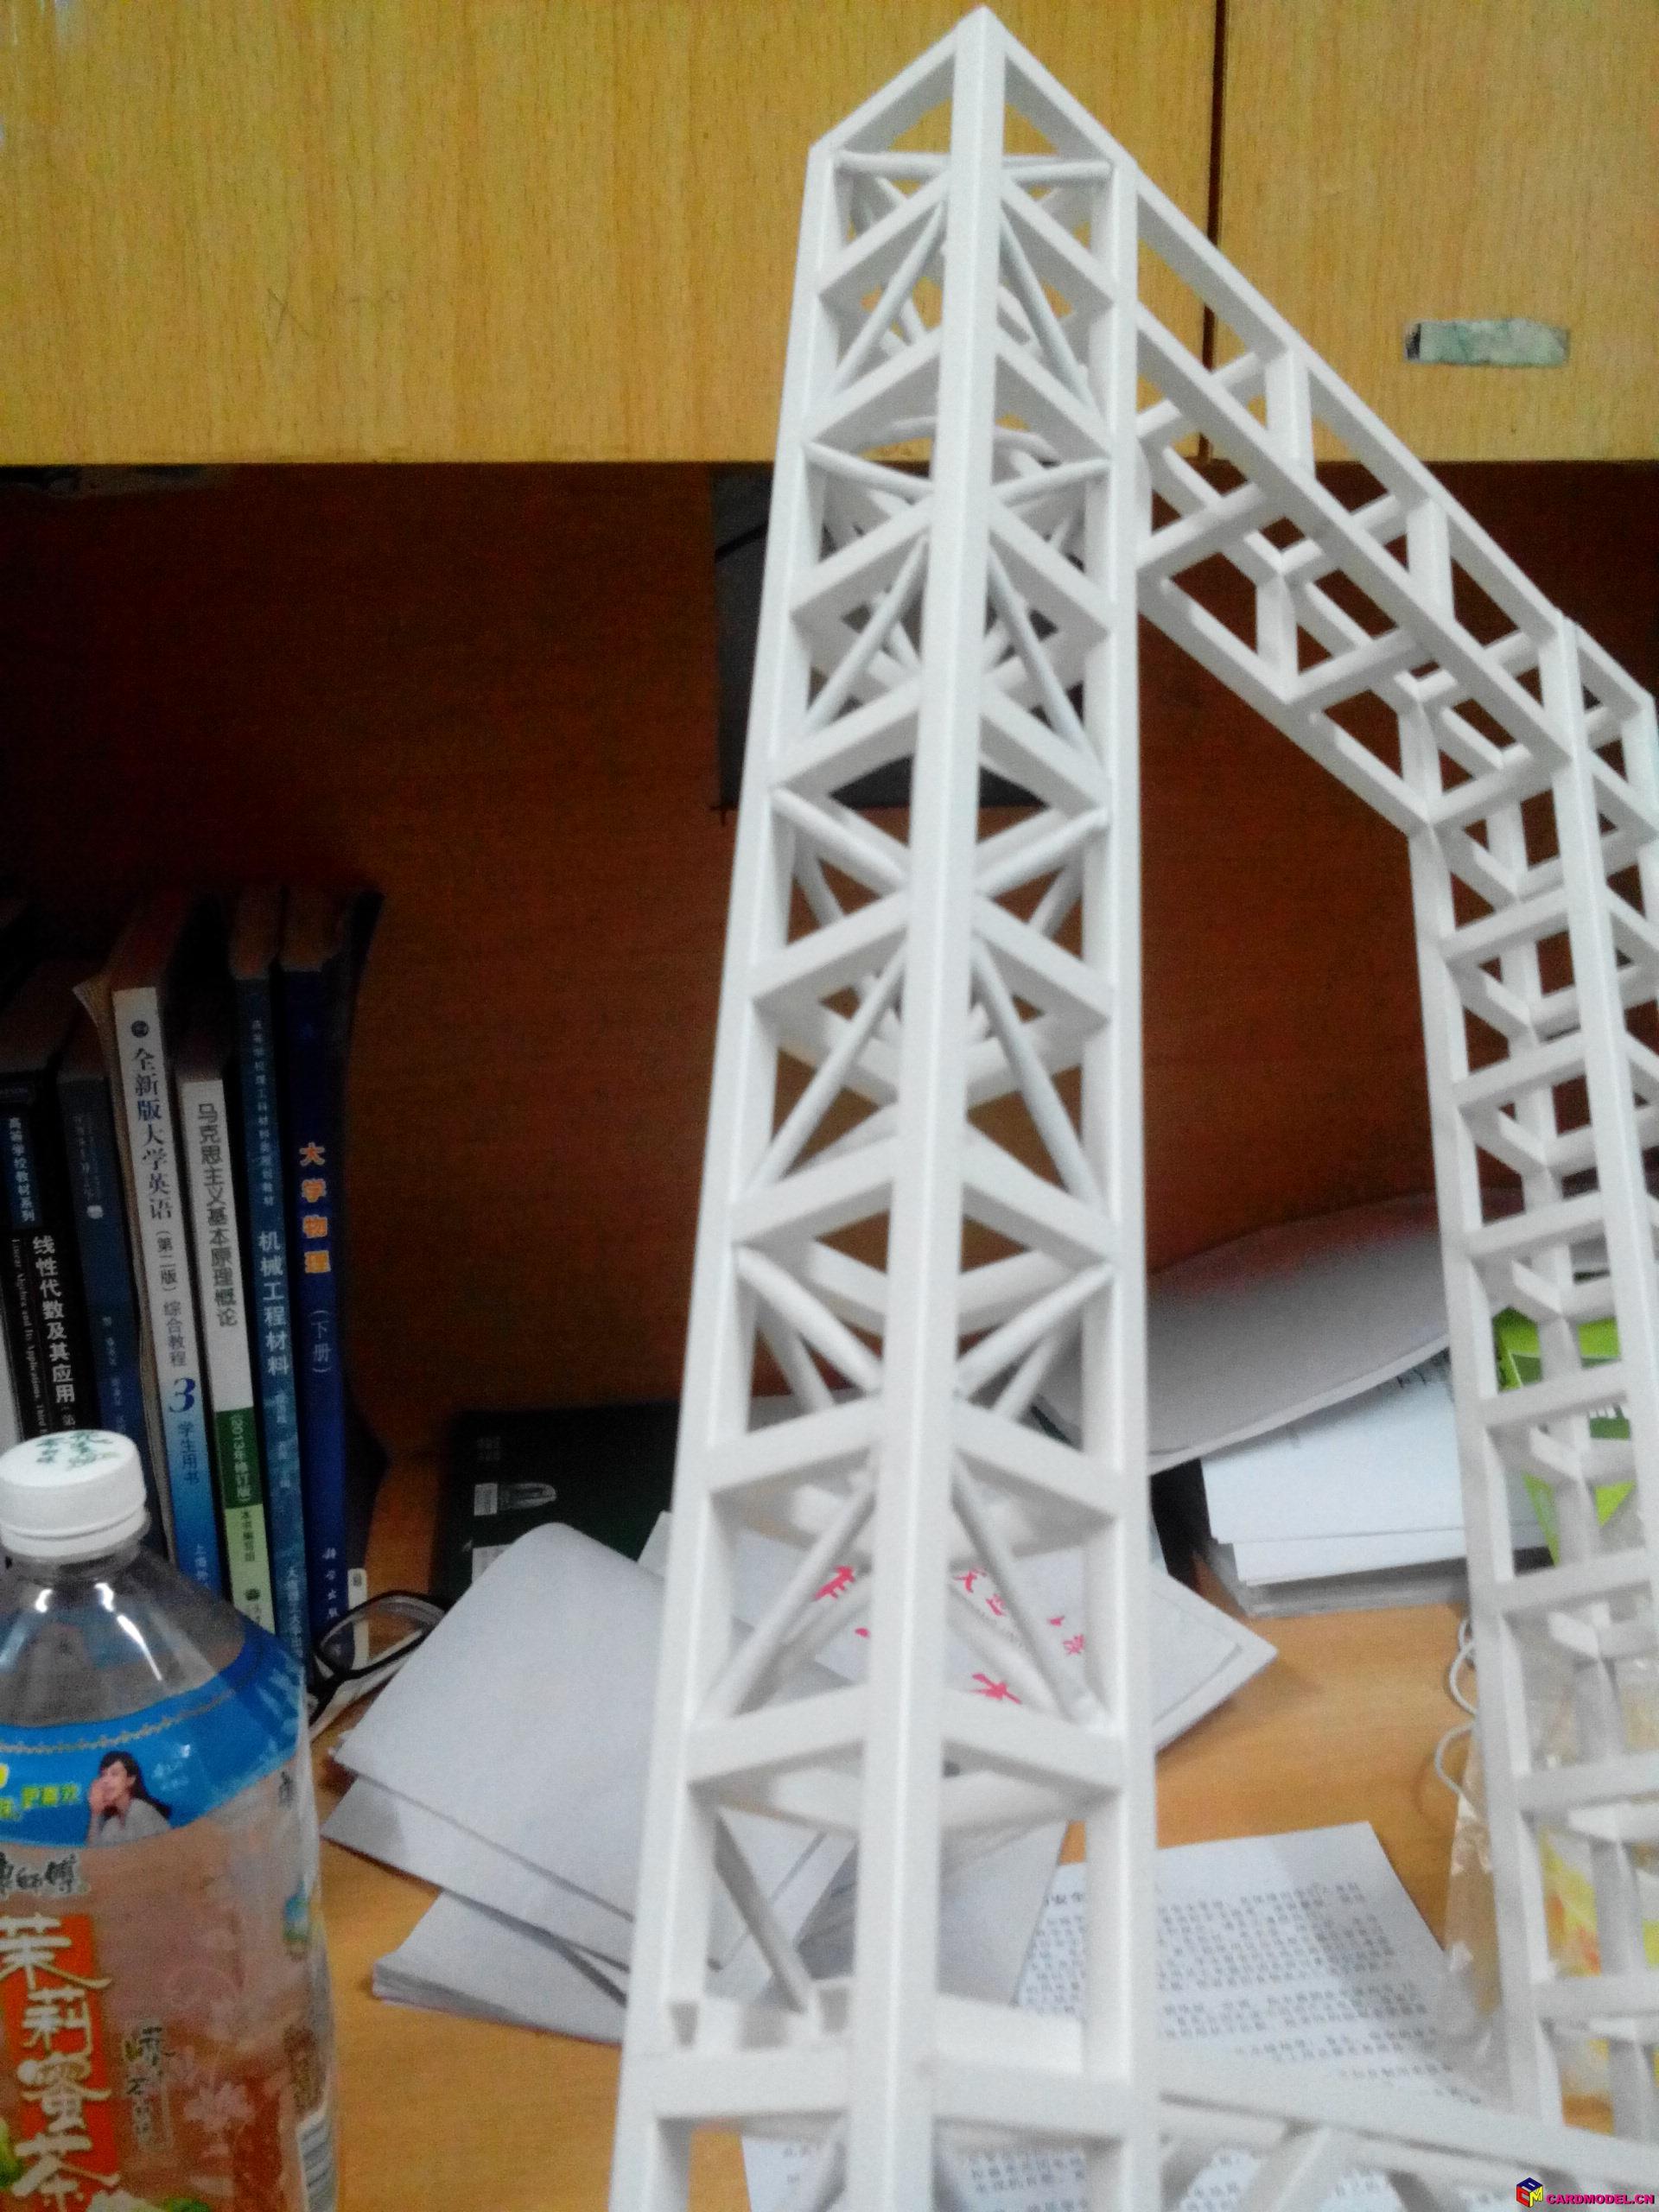 桥梁模型制作过程 - 民用模型制作完成区(finished)